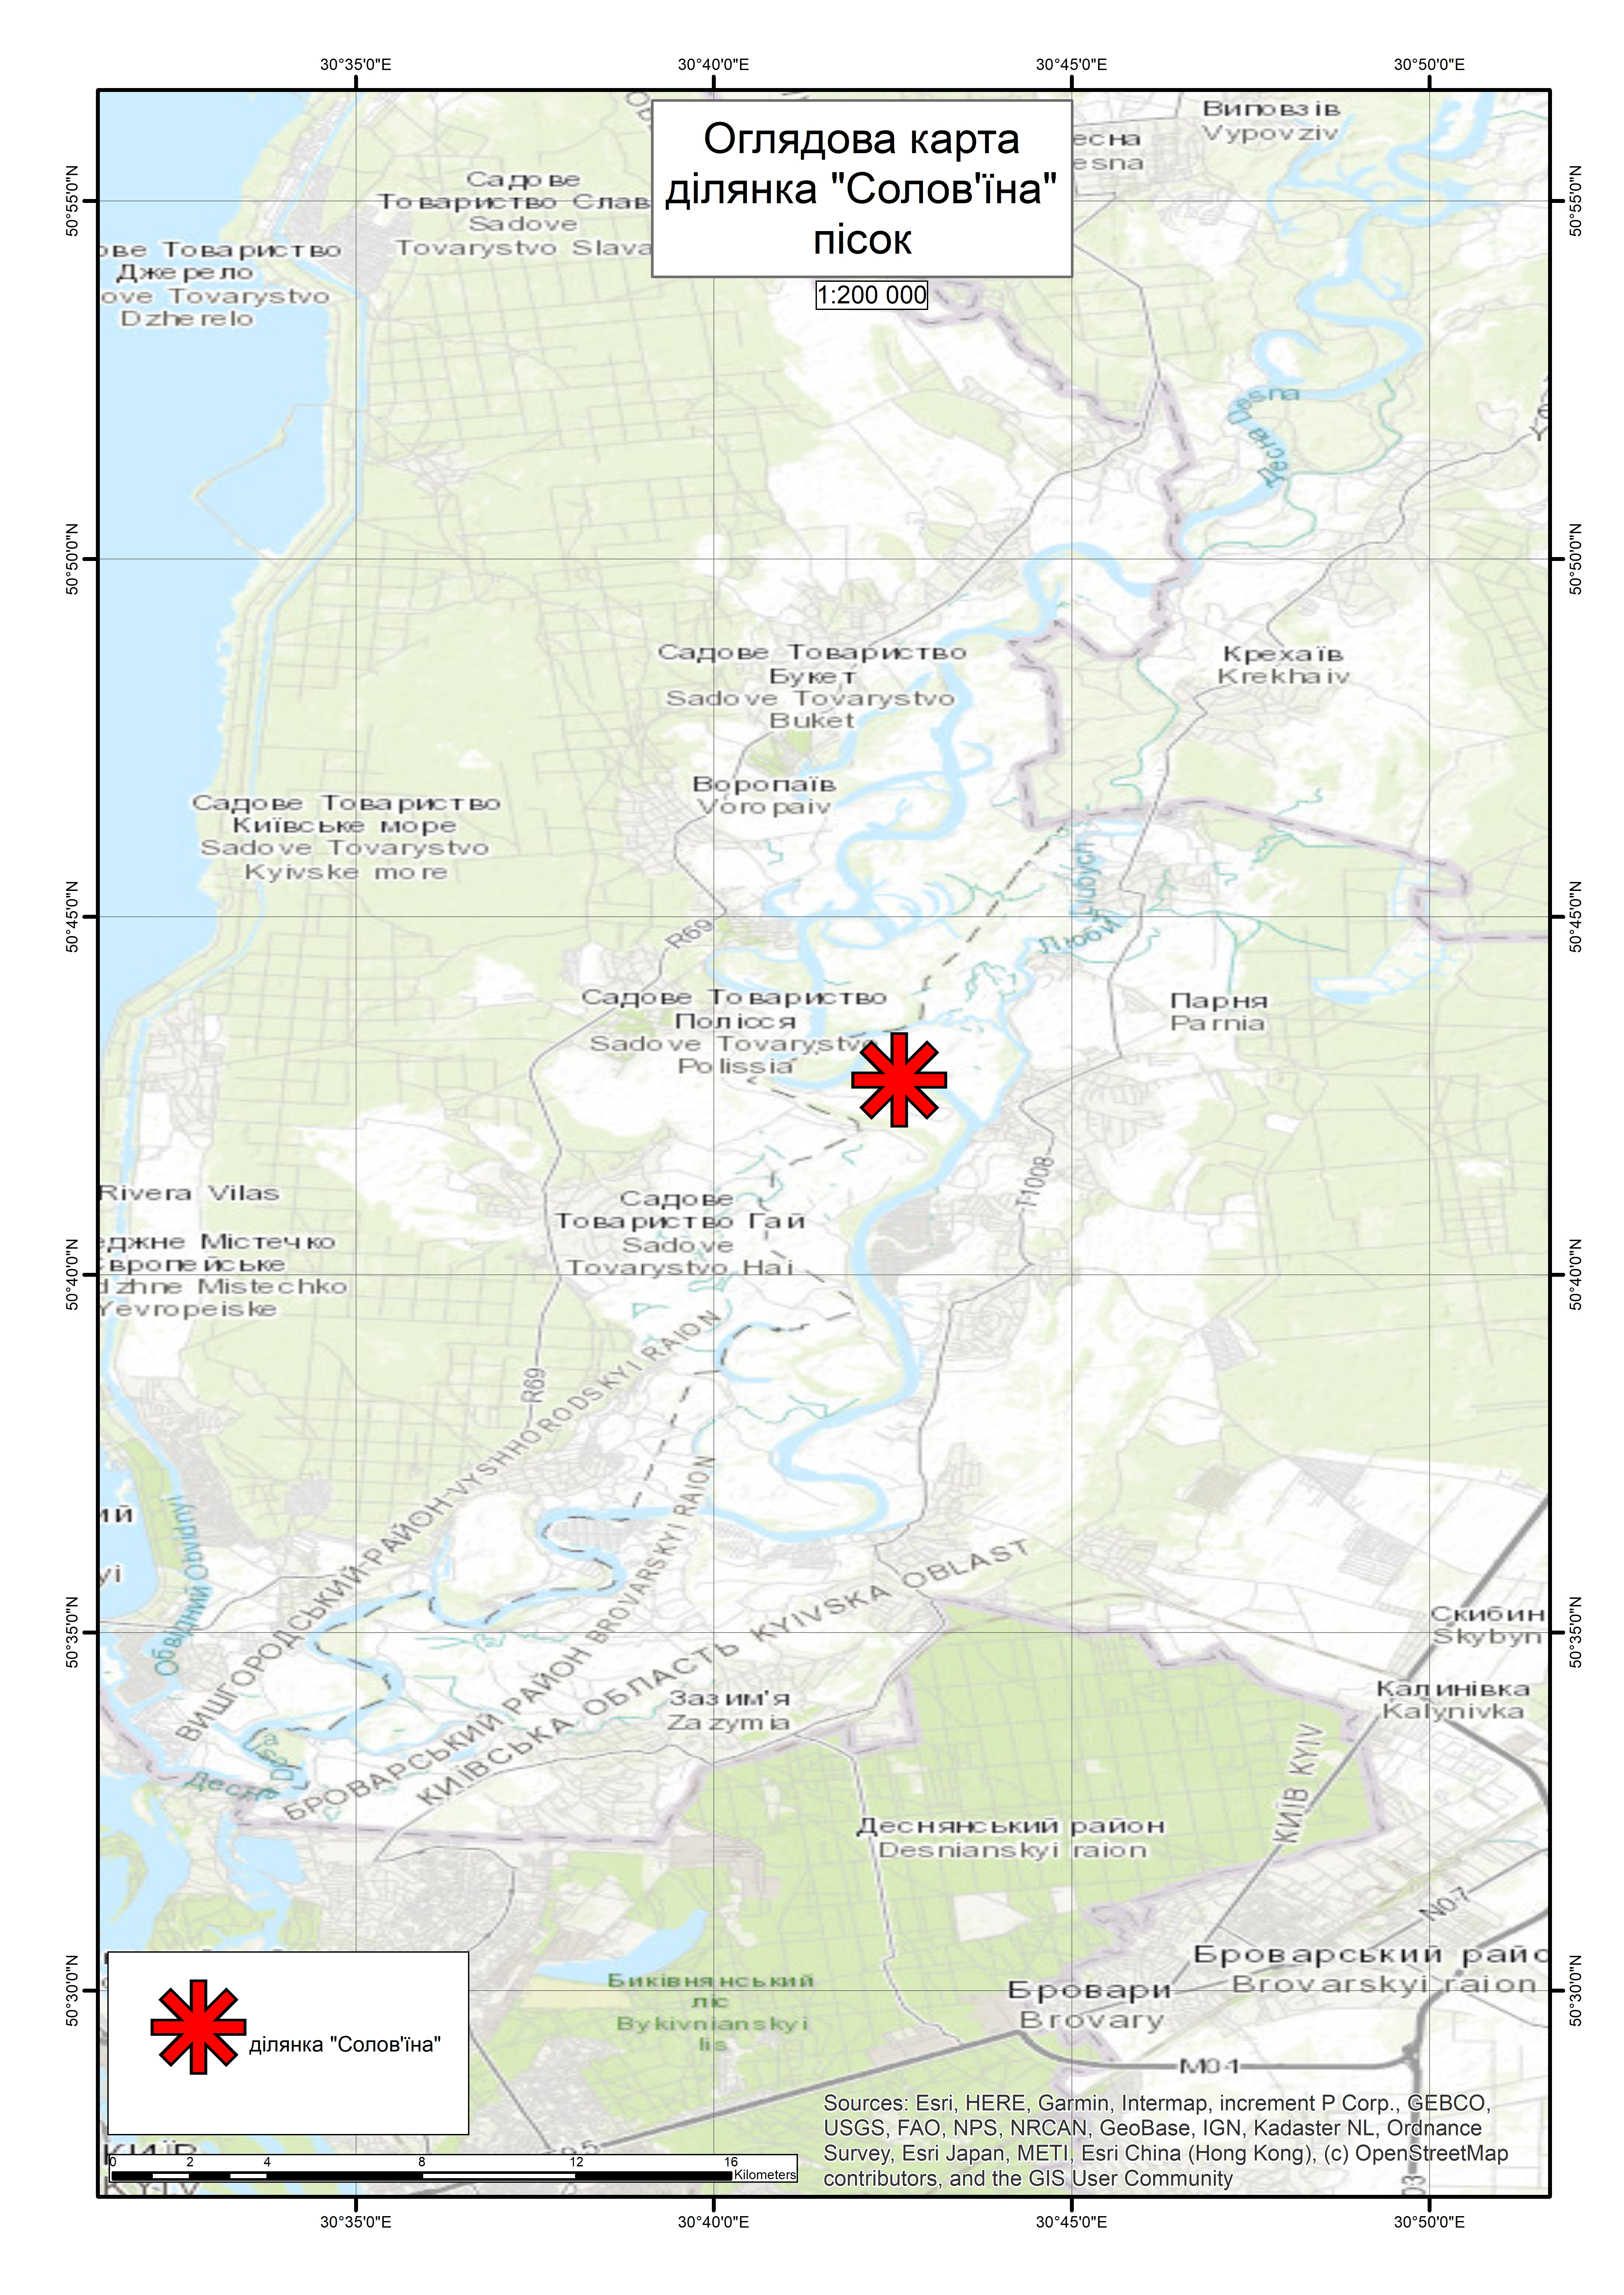 Спеціальний дозвіл на користування надрами – Ділянка «Солов'їна». Вартість геологічної інформації – 53 770,91 грн (з ПДВ). Вартість пакету аукціонної документації – 4 500 грн (з ПДВ).